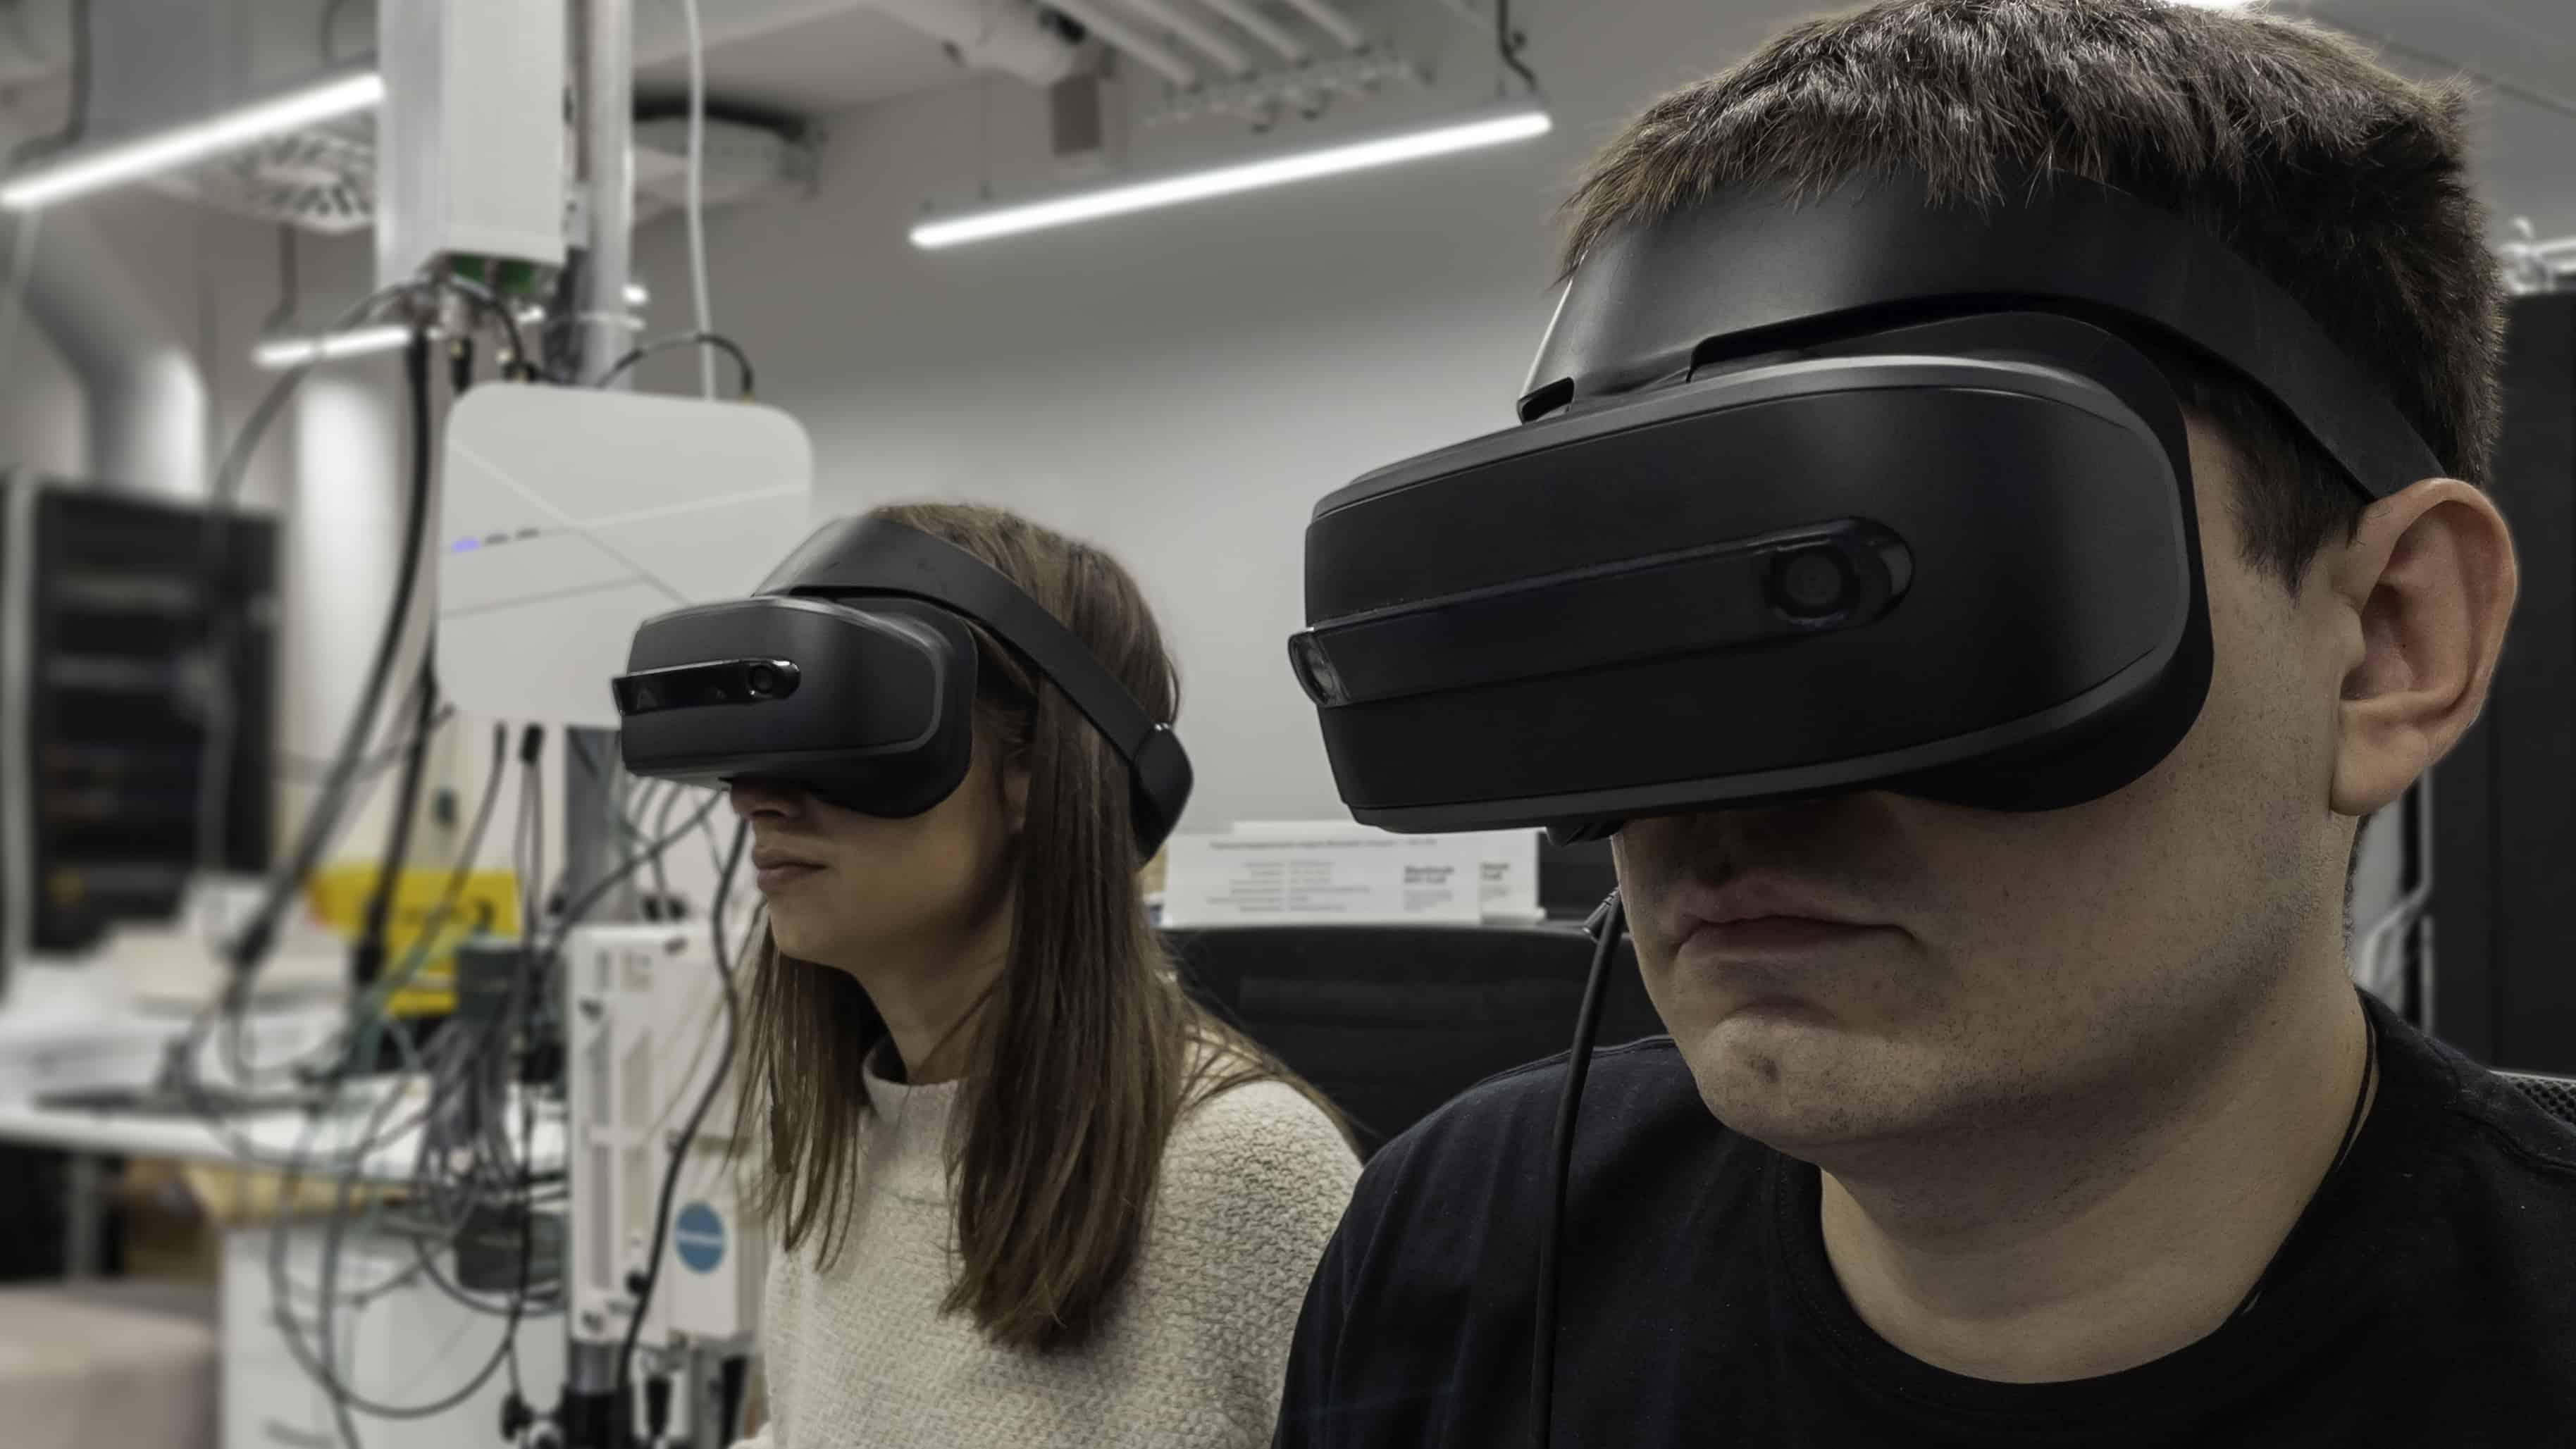 В ходе испытаний два компьютера, к которым были подключены шлемы виртуальной реальности, получили доступ к интернету через пилотную сеть 5G Сколтеха для проведения совместного VR-совещания и одновременного взаимодействия с интерактивными…